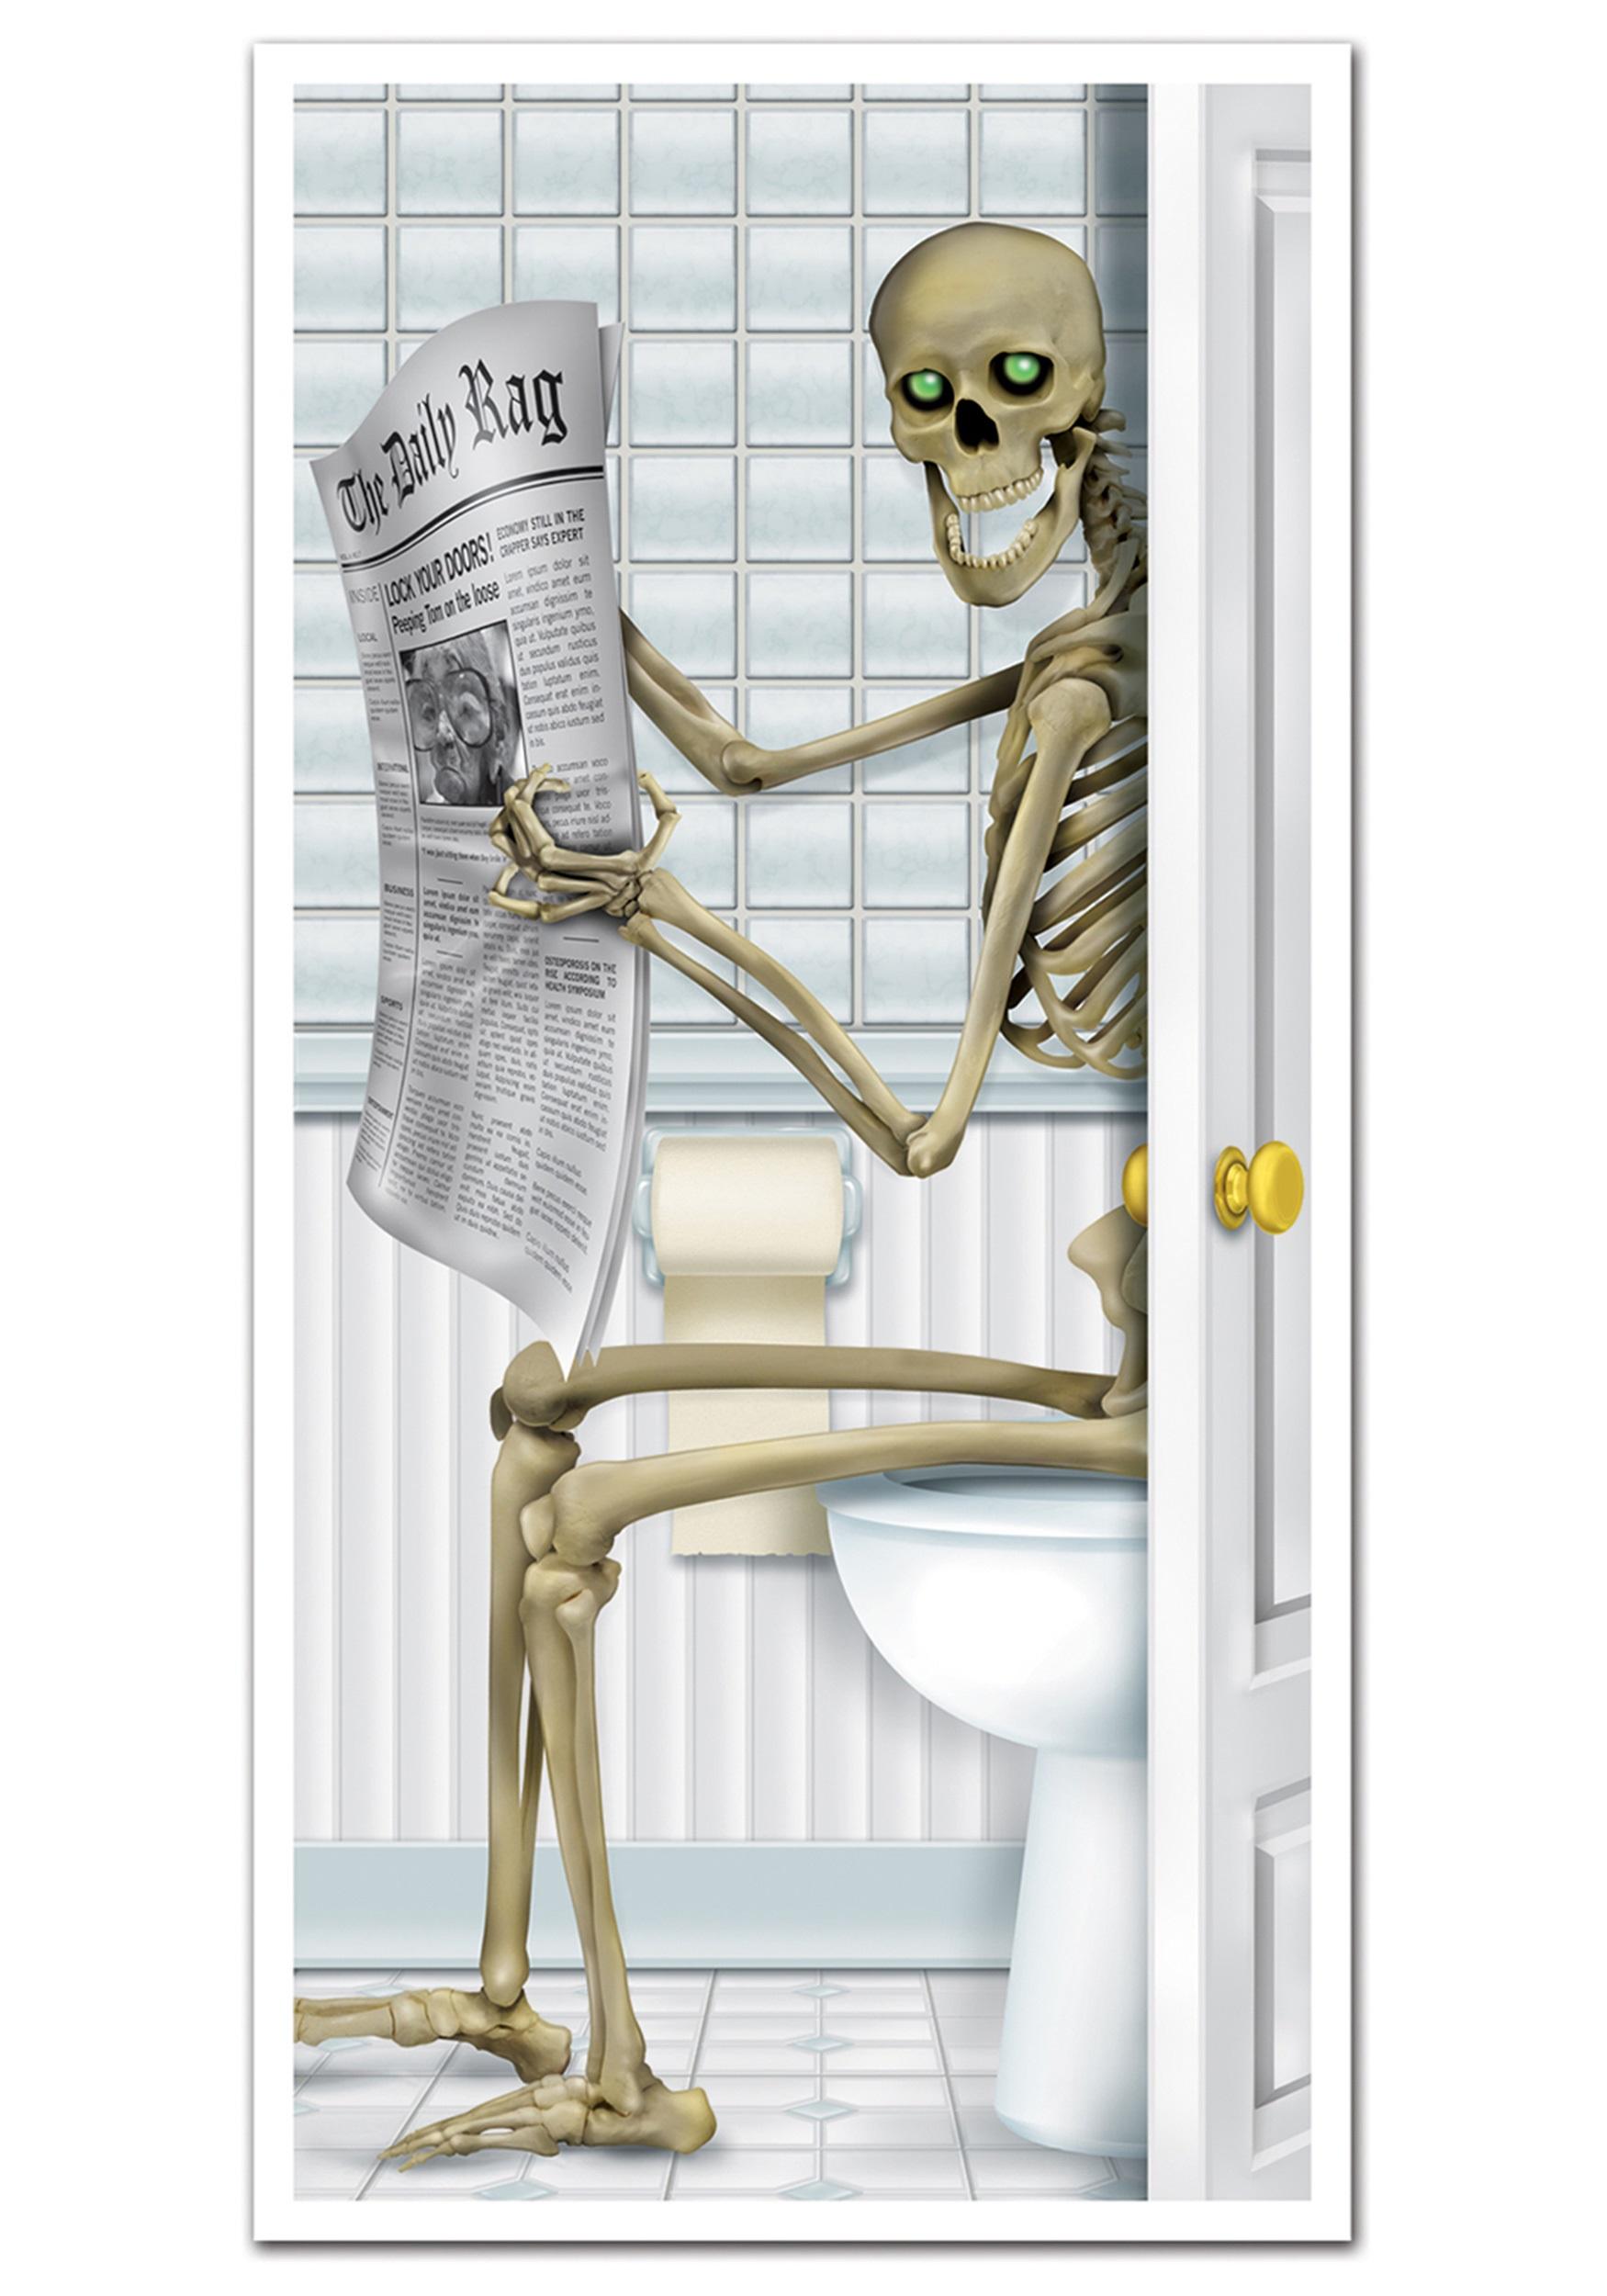 Toilet_Halloween_Decor_Skeleton_Door_Cover